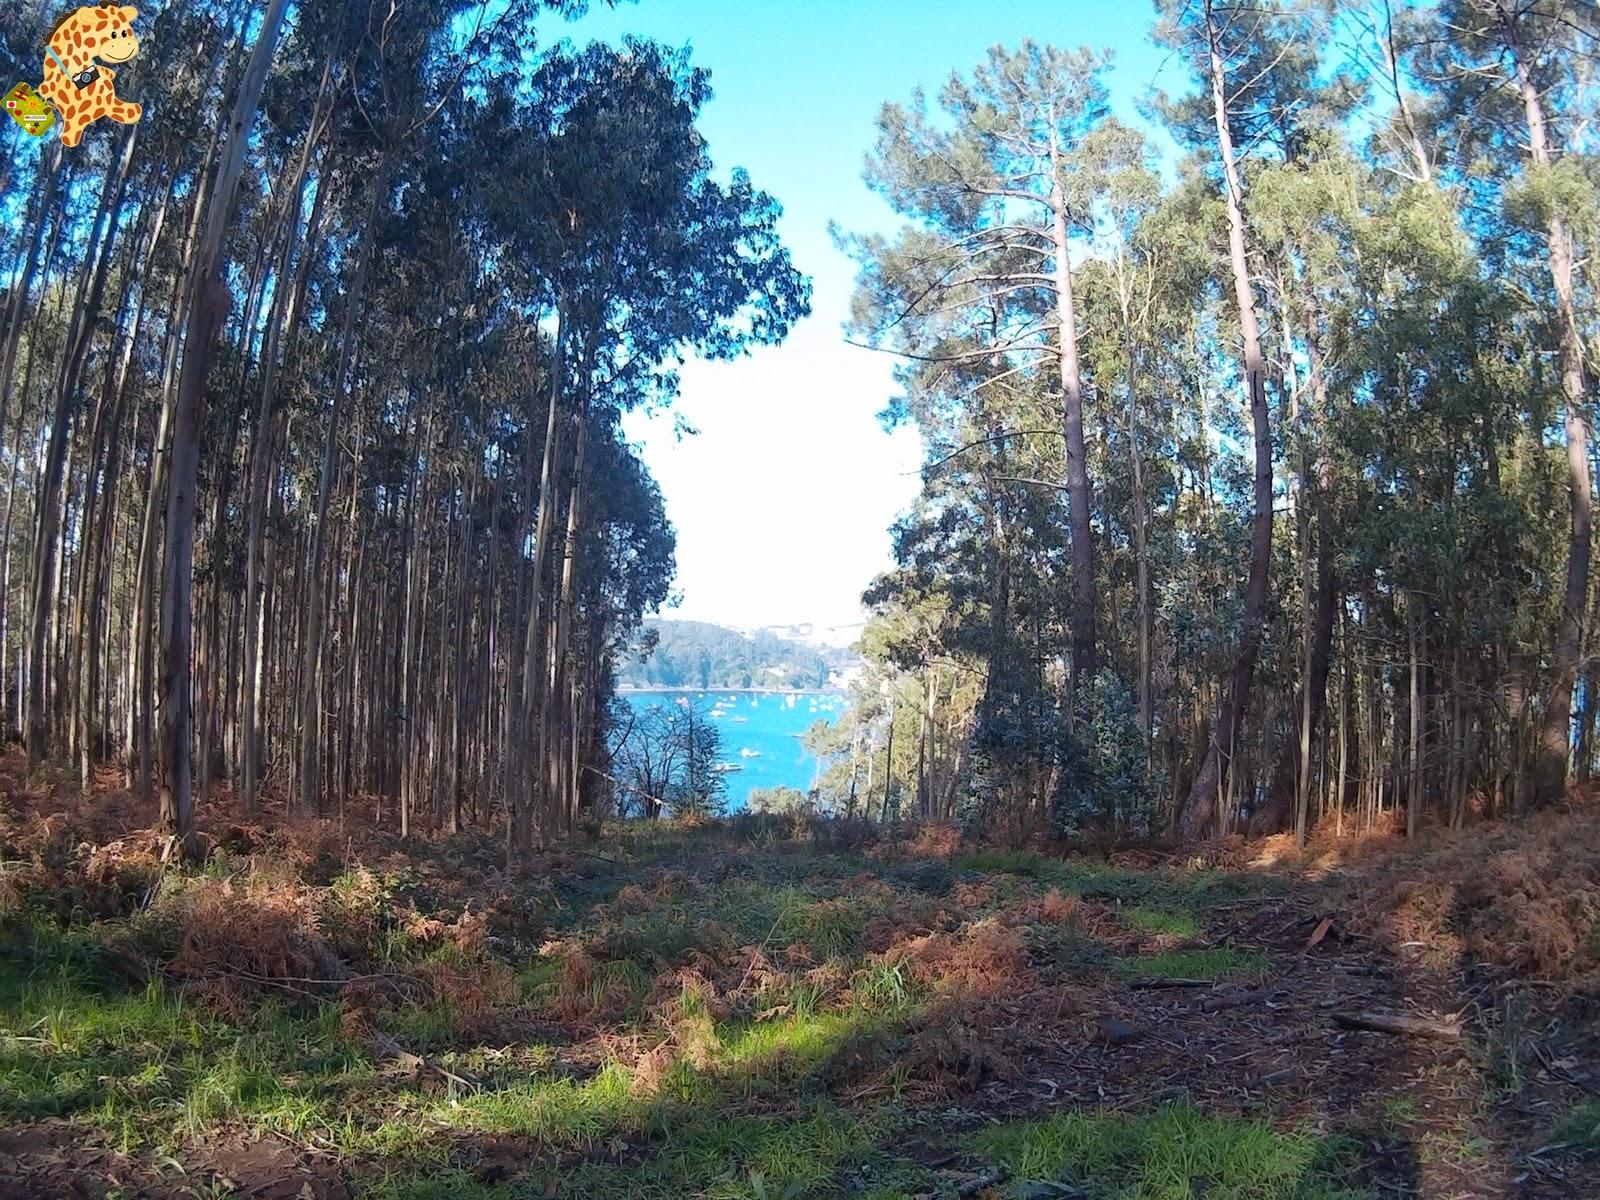 Ruta de las Algas. Ría de Ortigueira, A Coruña